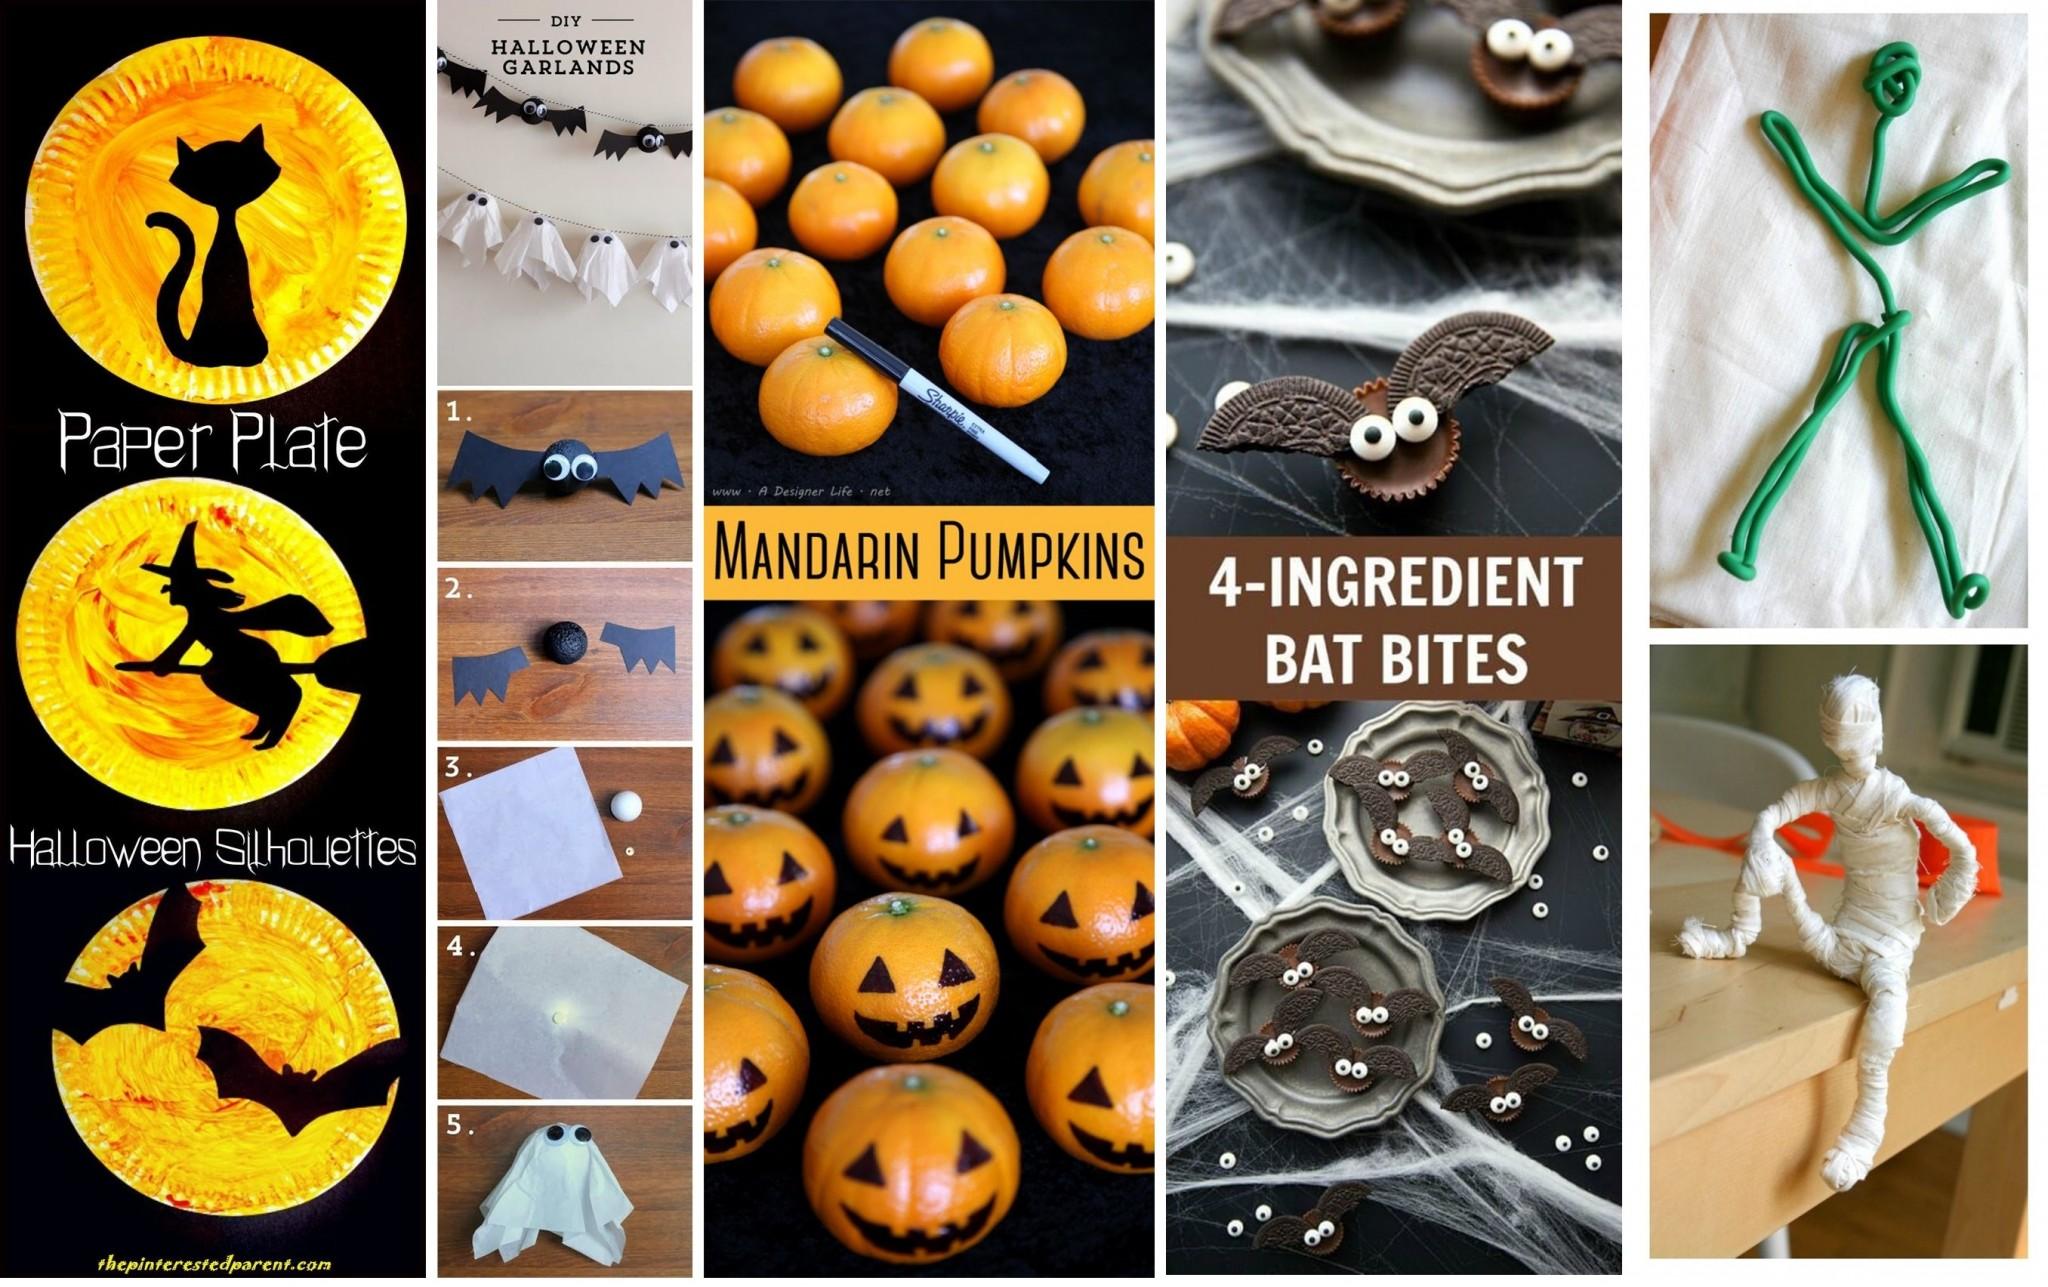 19 Ideias Simples para Decorar a sua Festa de Halloween 05 1 - 19 Ideias Simples para Decorar a sua Festa de Halloween